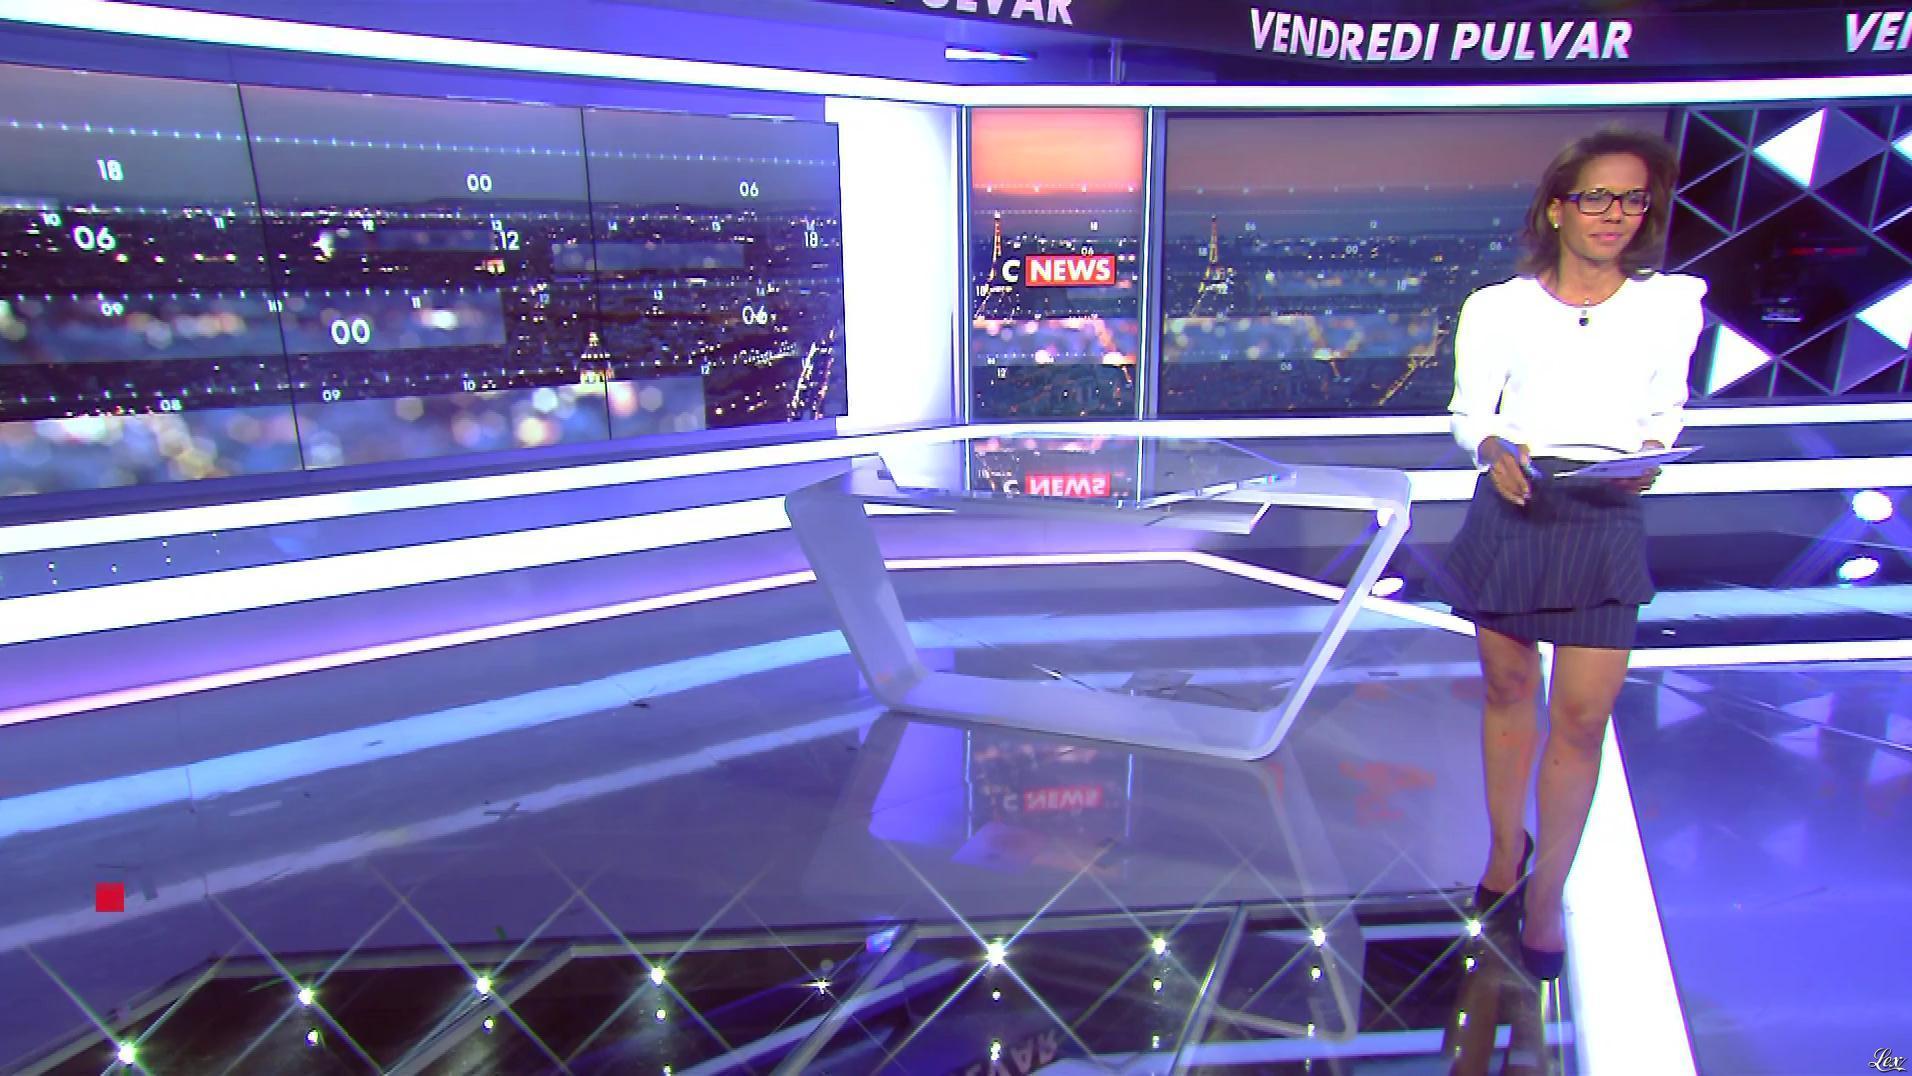 Audrey Pulvar dans Vendredi Pulvar. Diffusé à la télévision le 16/06/17.